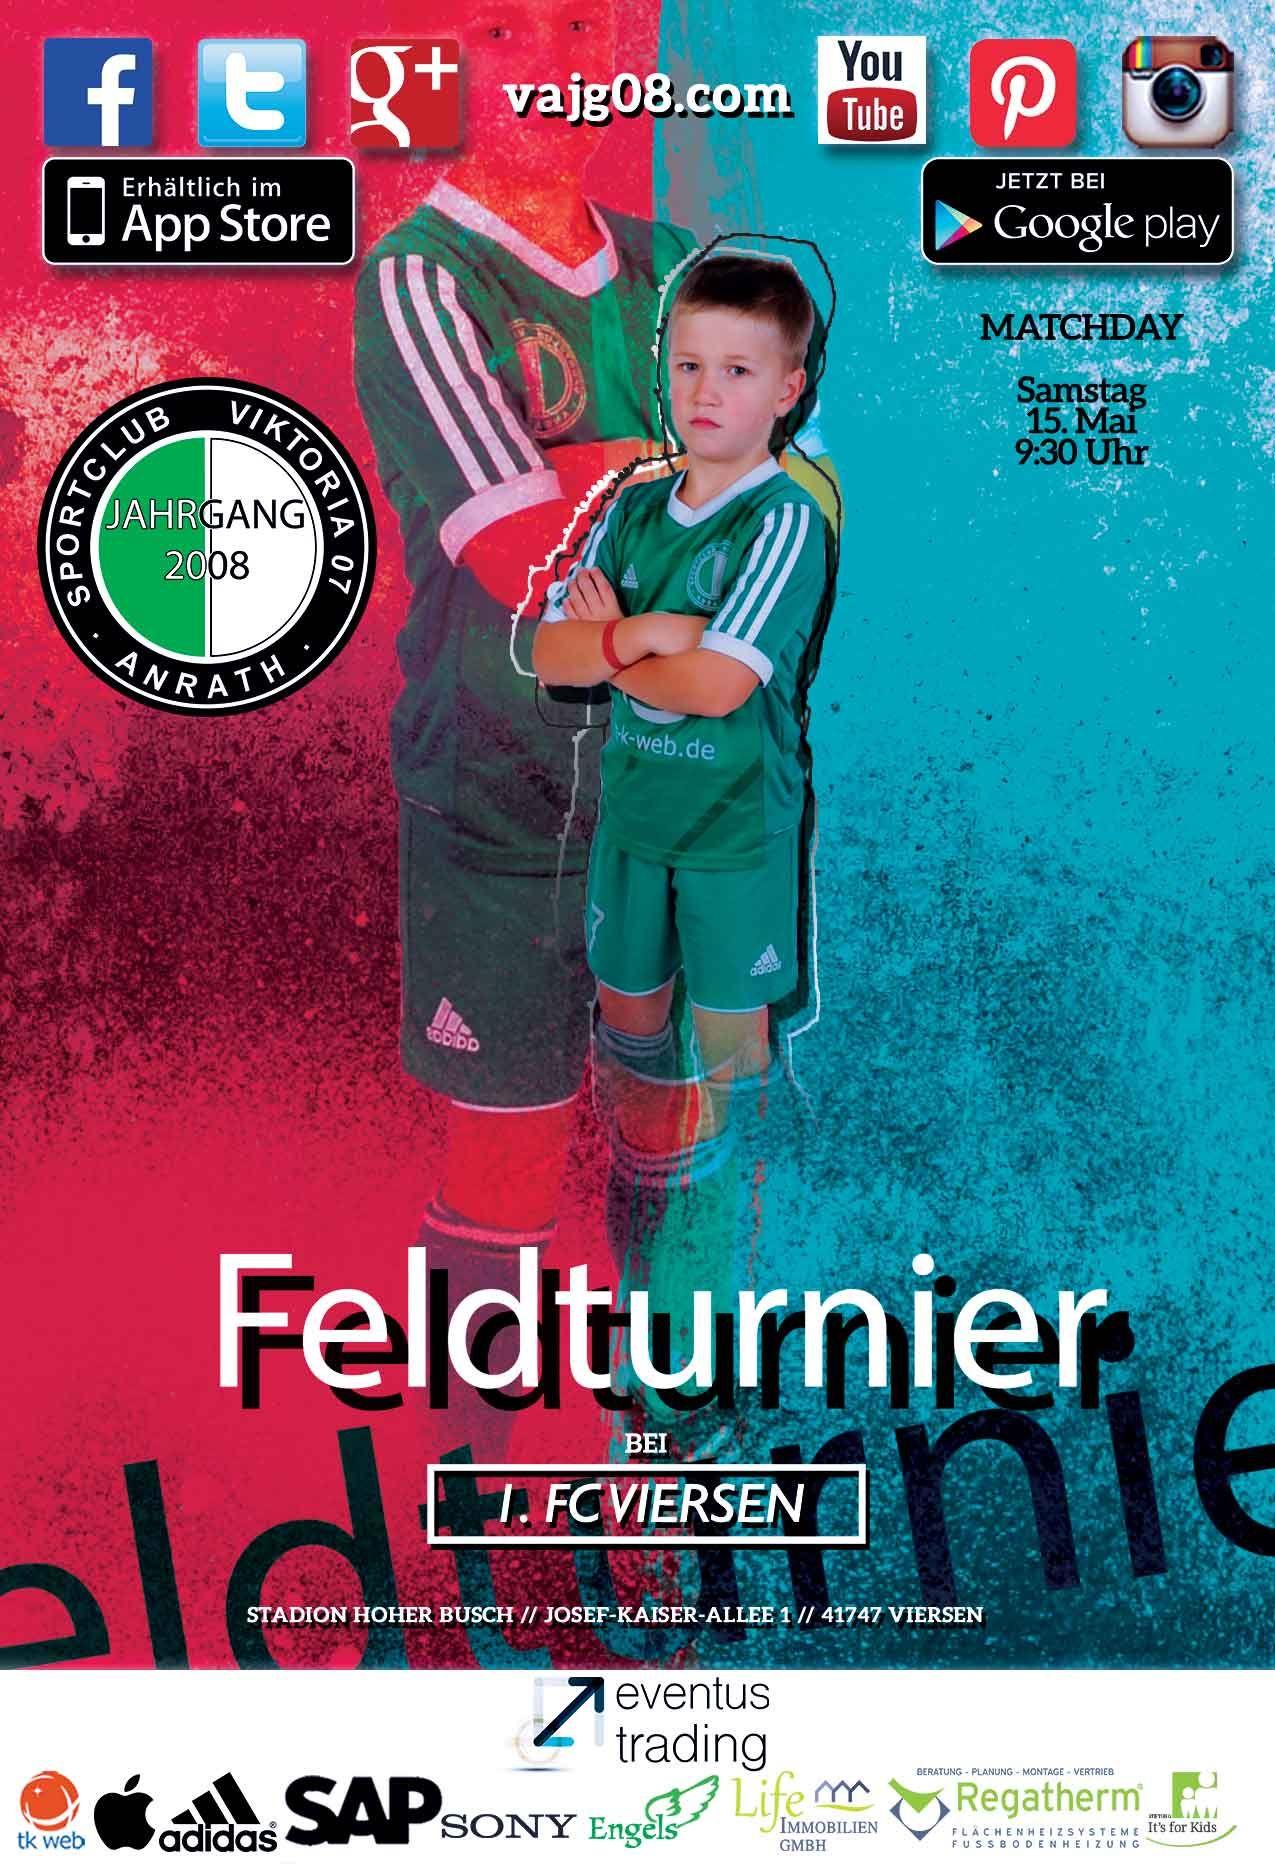 Wir nehmen am kommenden Sonntag, den 15. Mai um 9:30 Uhr beim Feldturnier bei 1. FC Viersen teil. Erfahre mehr über uns unter vajg08.com.